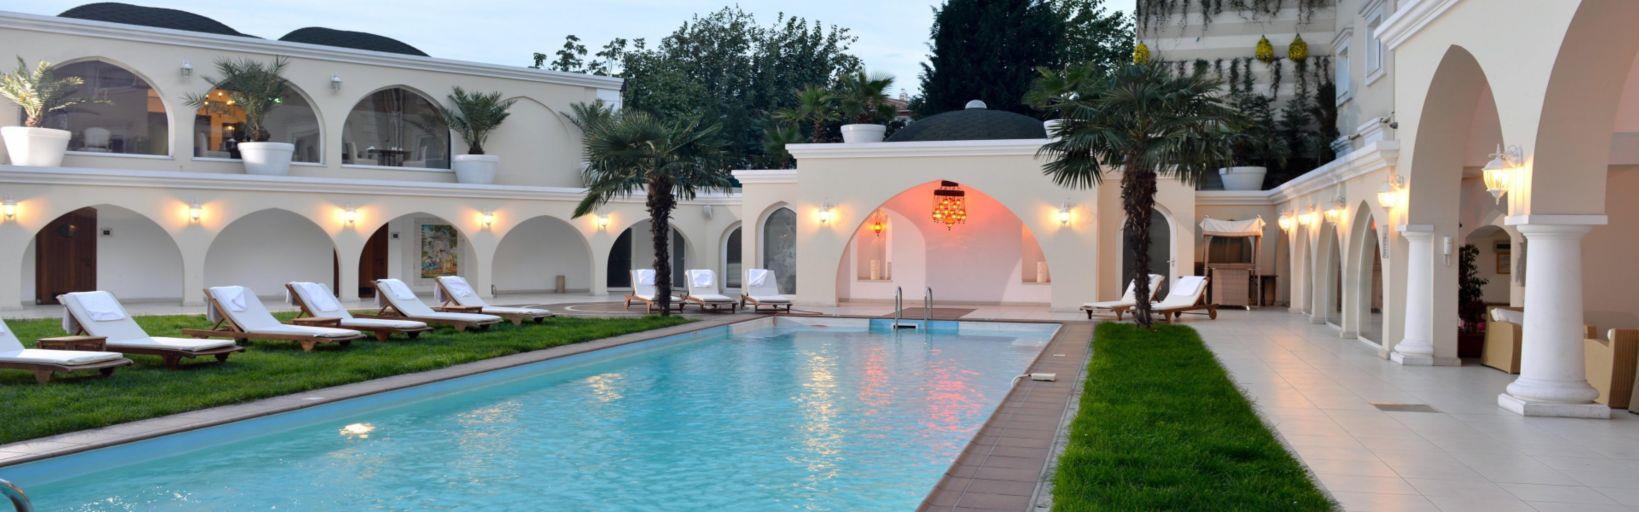 Holiday Inn Istanbul City244385